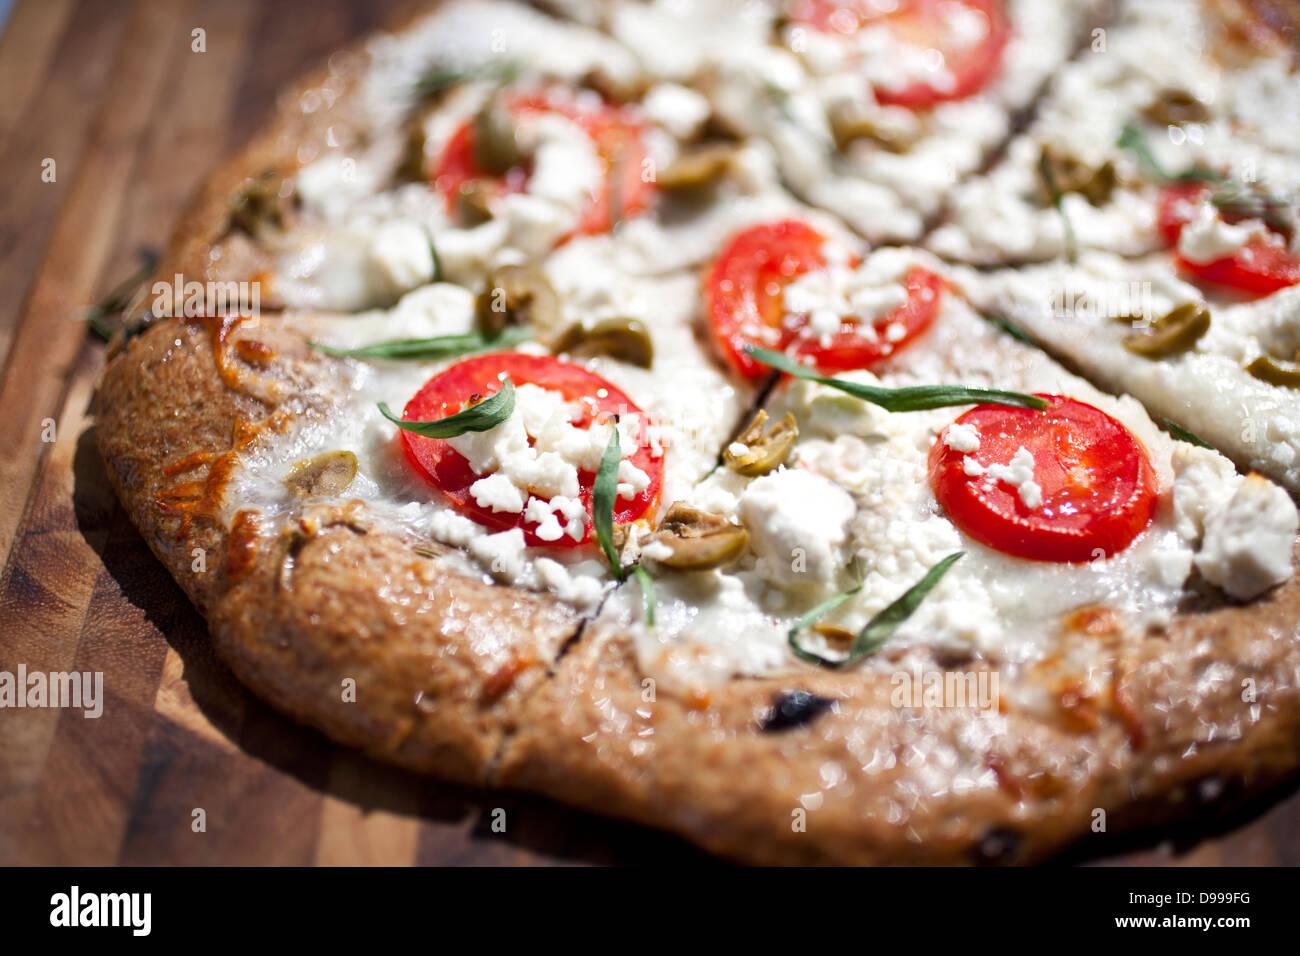 Pizza au fromage blanc rustique avec des tomates en tranches sur une planche à découper Banque D'Images